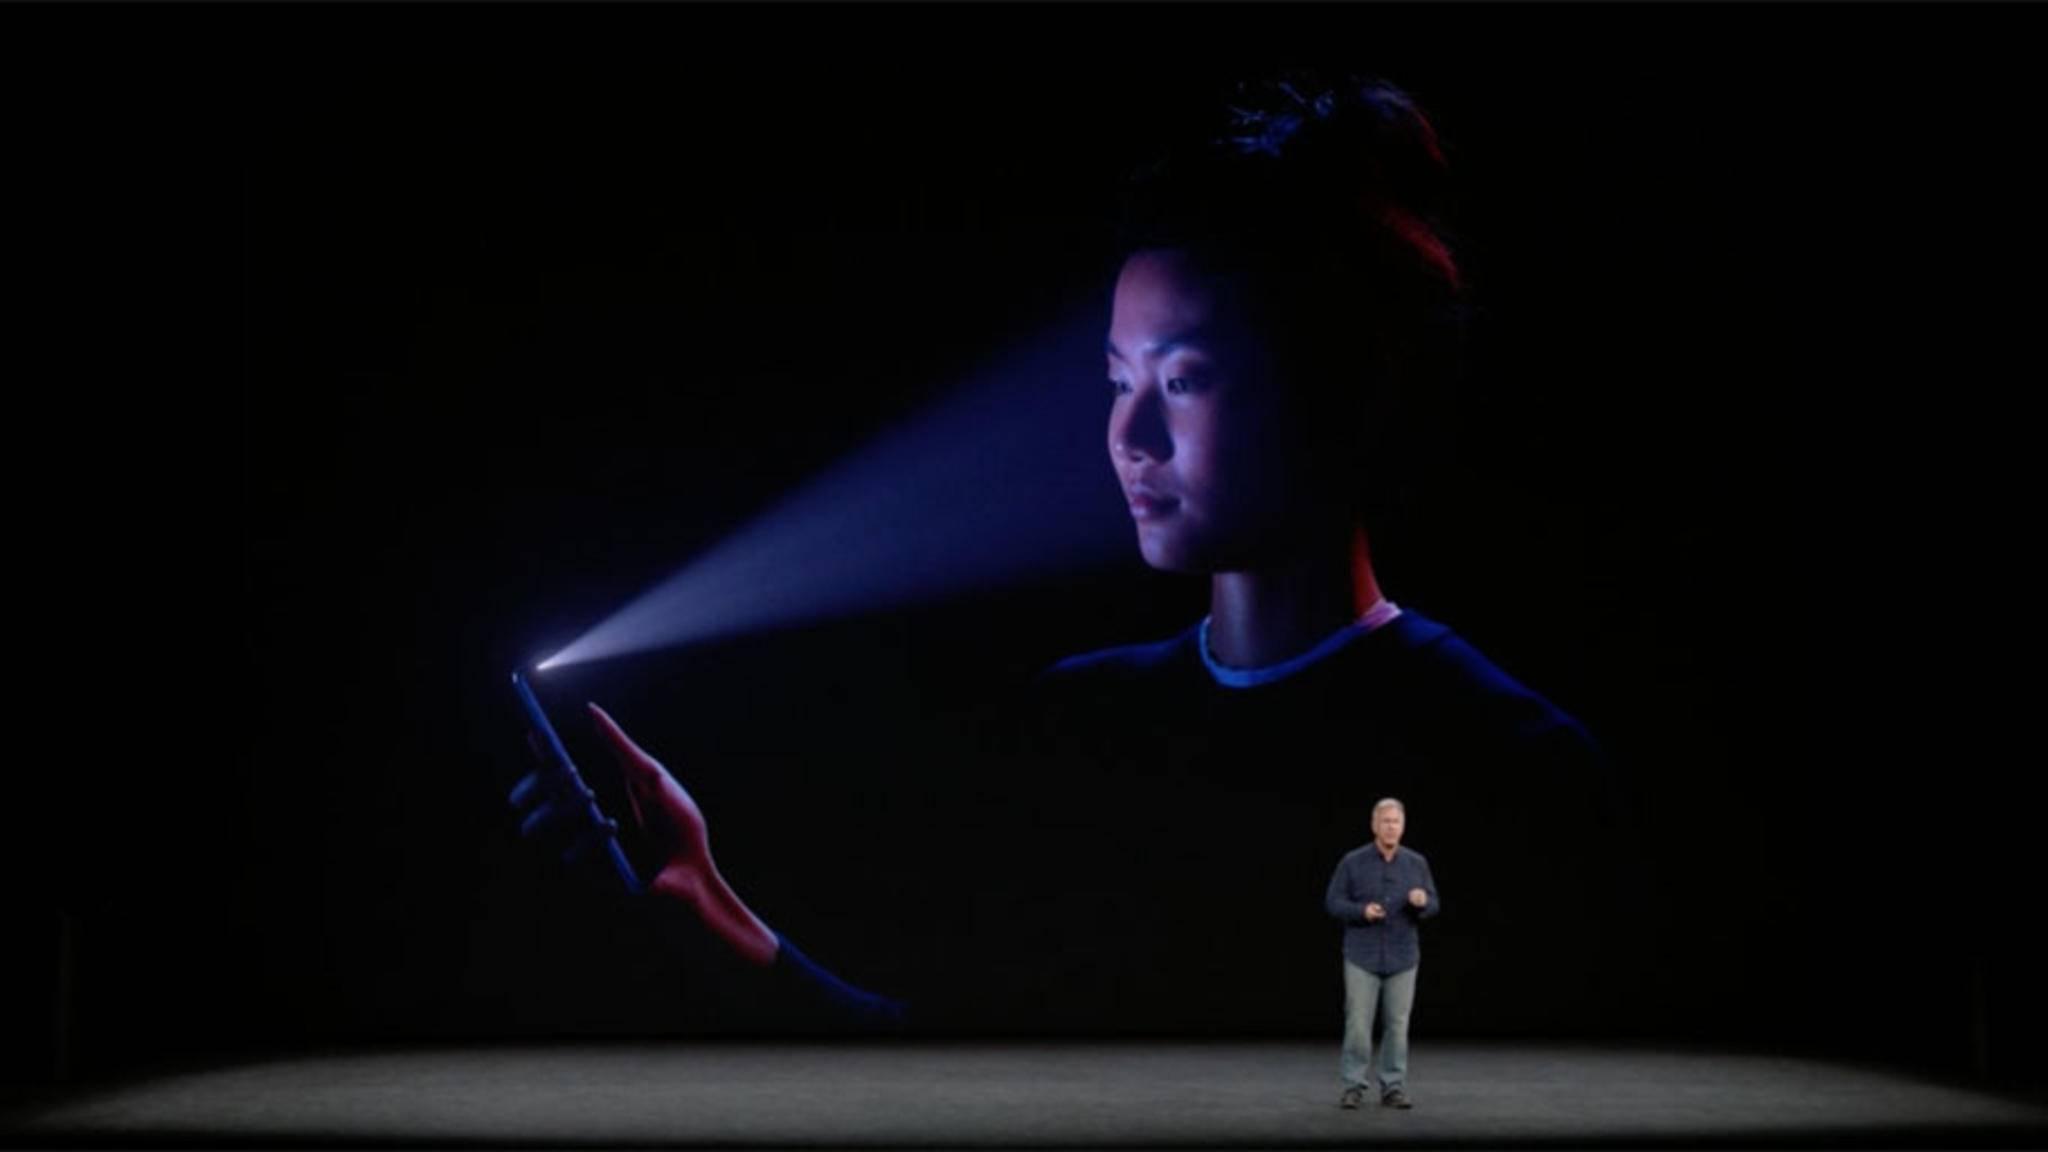 Face ID ist eine innovative Möglichkeit, das iPhone X zu sichern und zu entsperren.